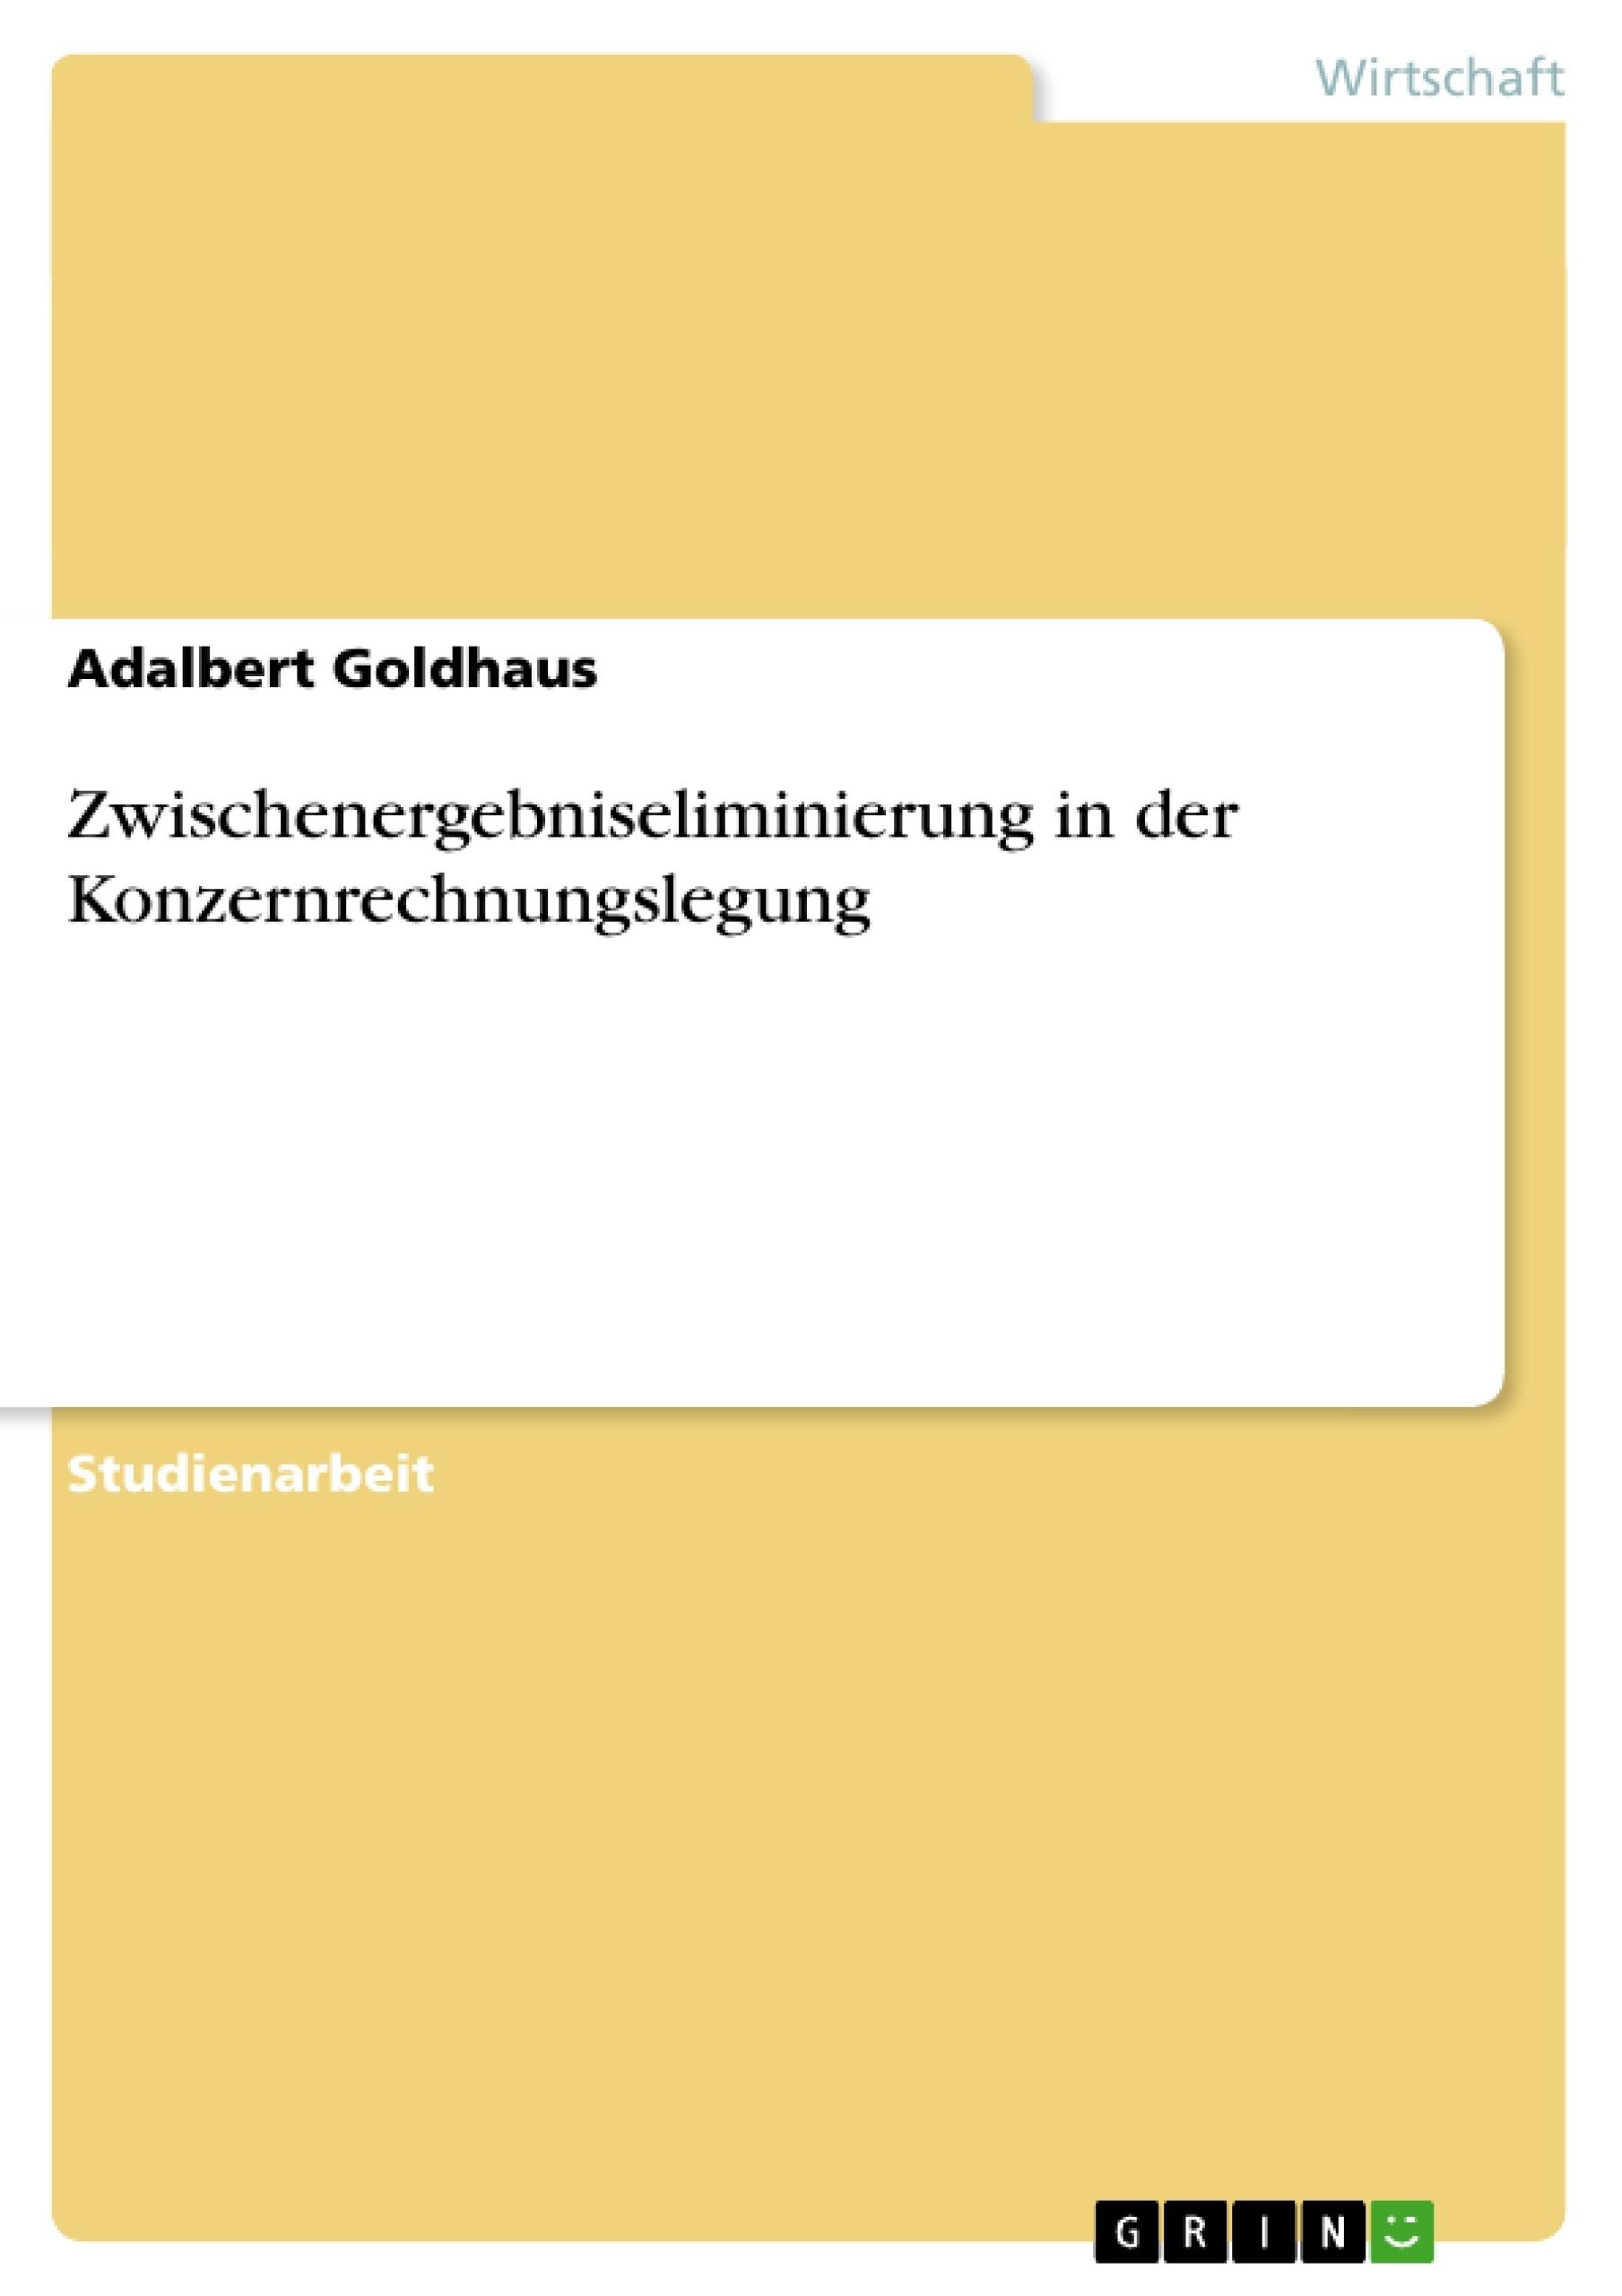 Titel: Zwischenergebniseliminierung in der Konzernrechnungslegung